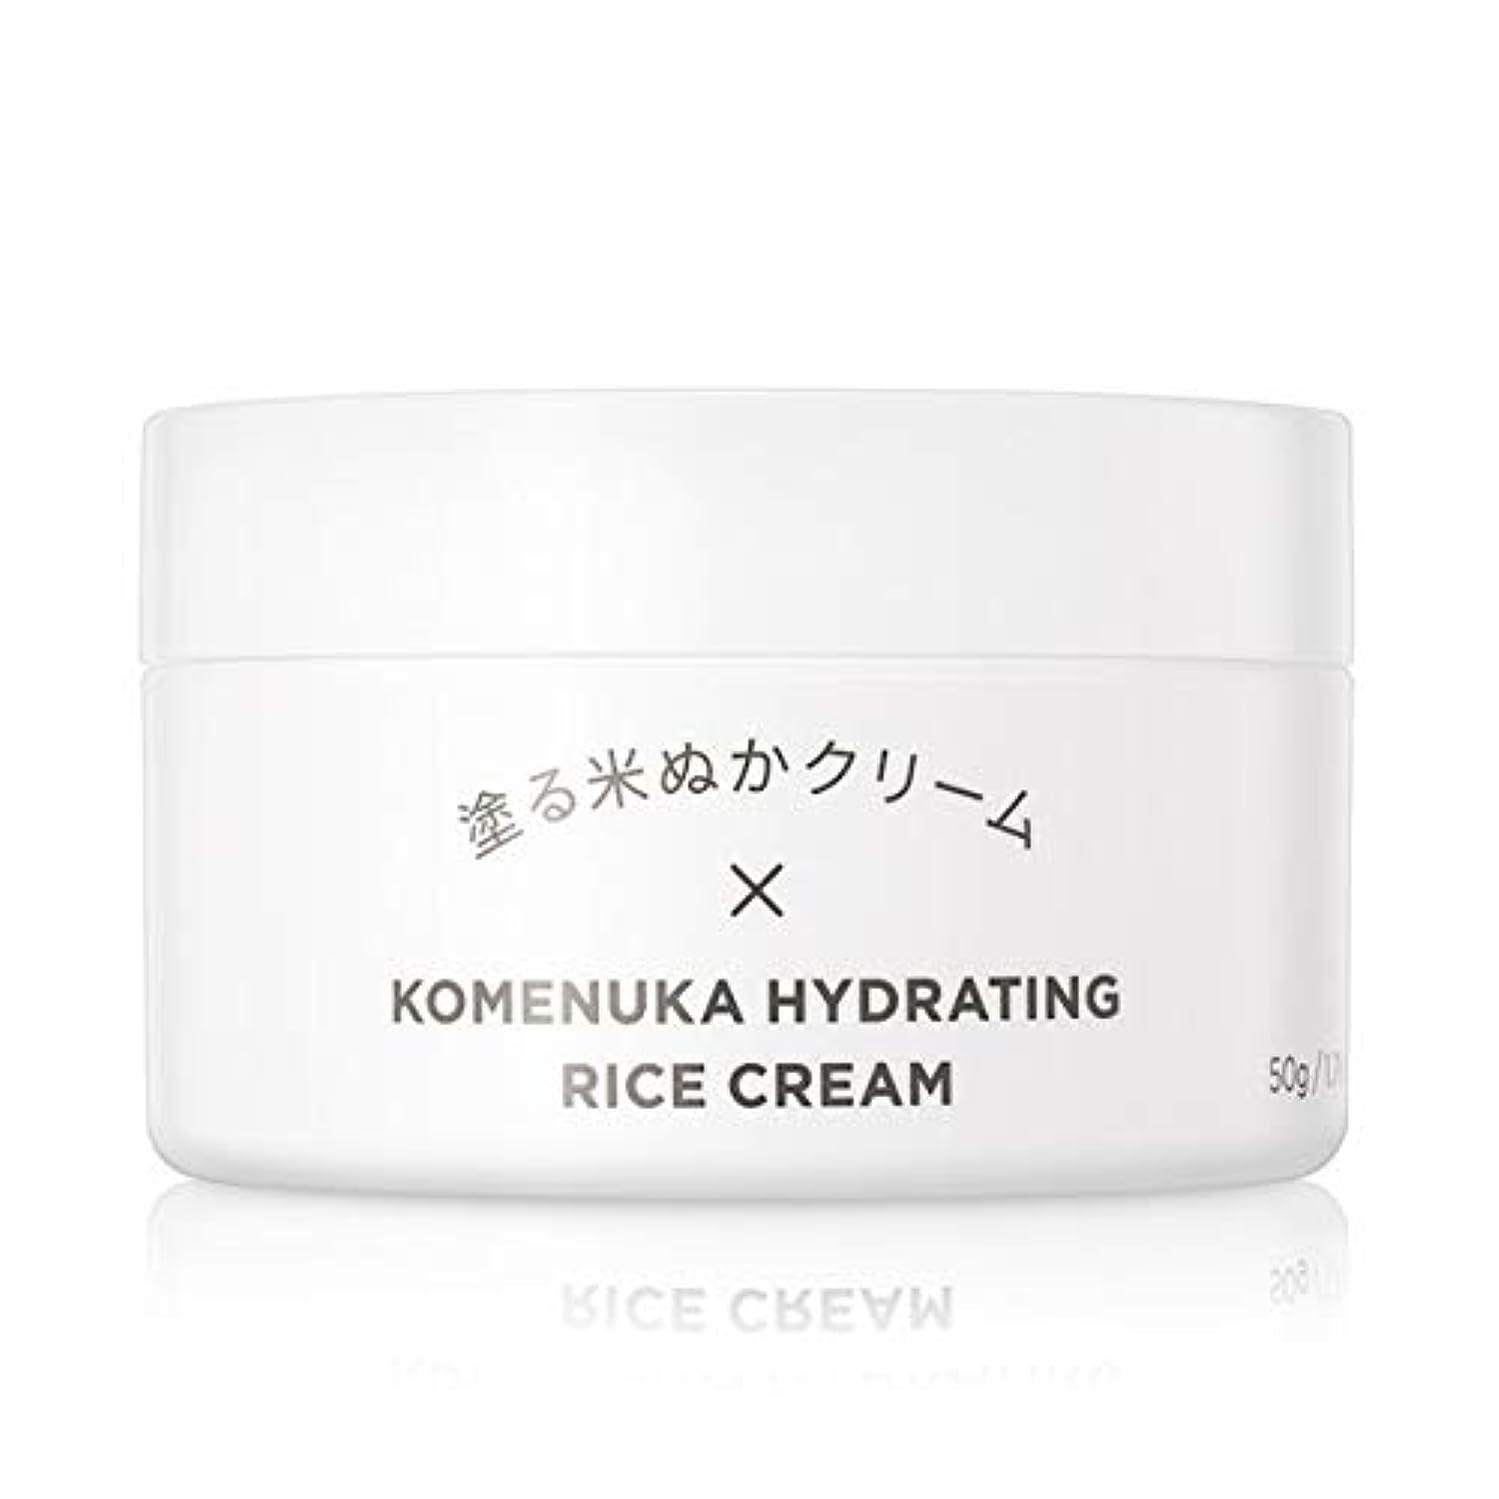 スリラー聖歌機知に富んだ米一途 塗る米ぬかクリーム スキンケア 無添加 クリーム 50g